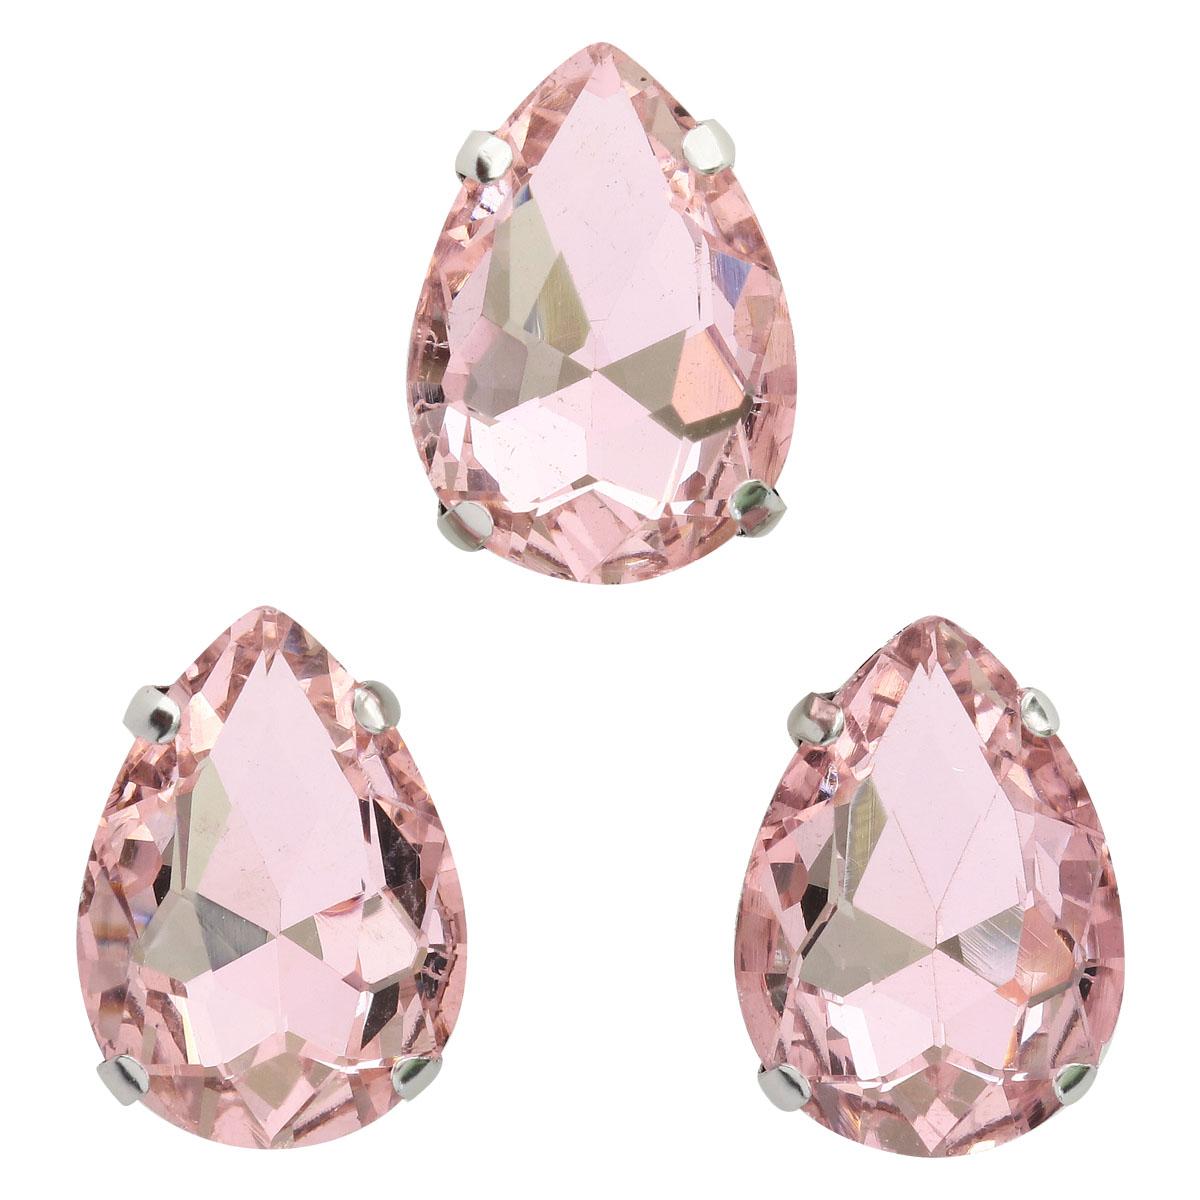 АЦ006НН1318 Хрустальные стразы в цапах формы 'капля', розовый 13х18 мм, 3 шт.